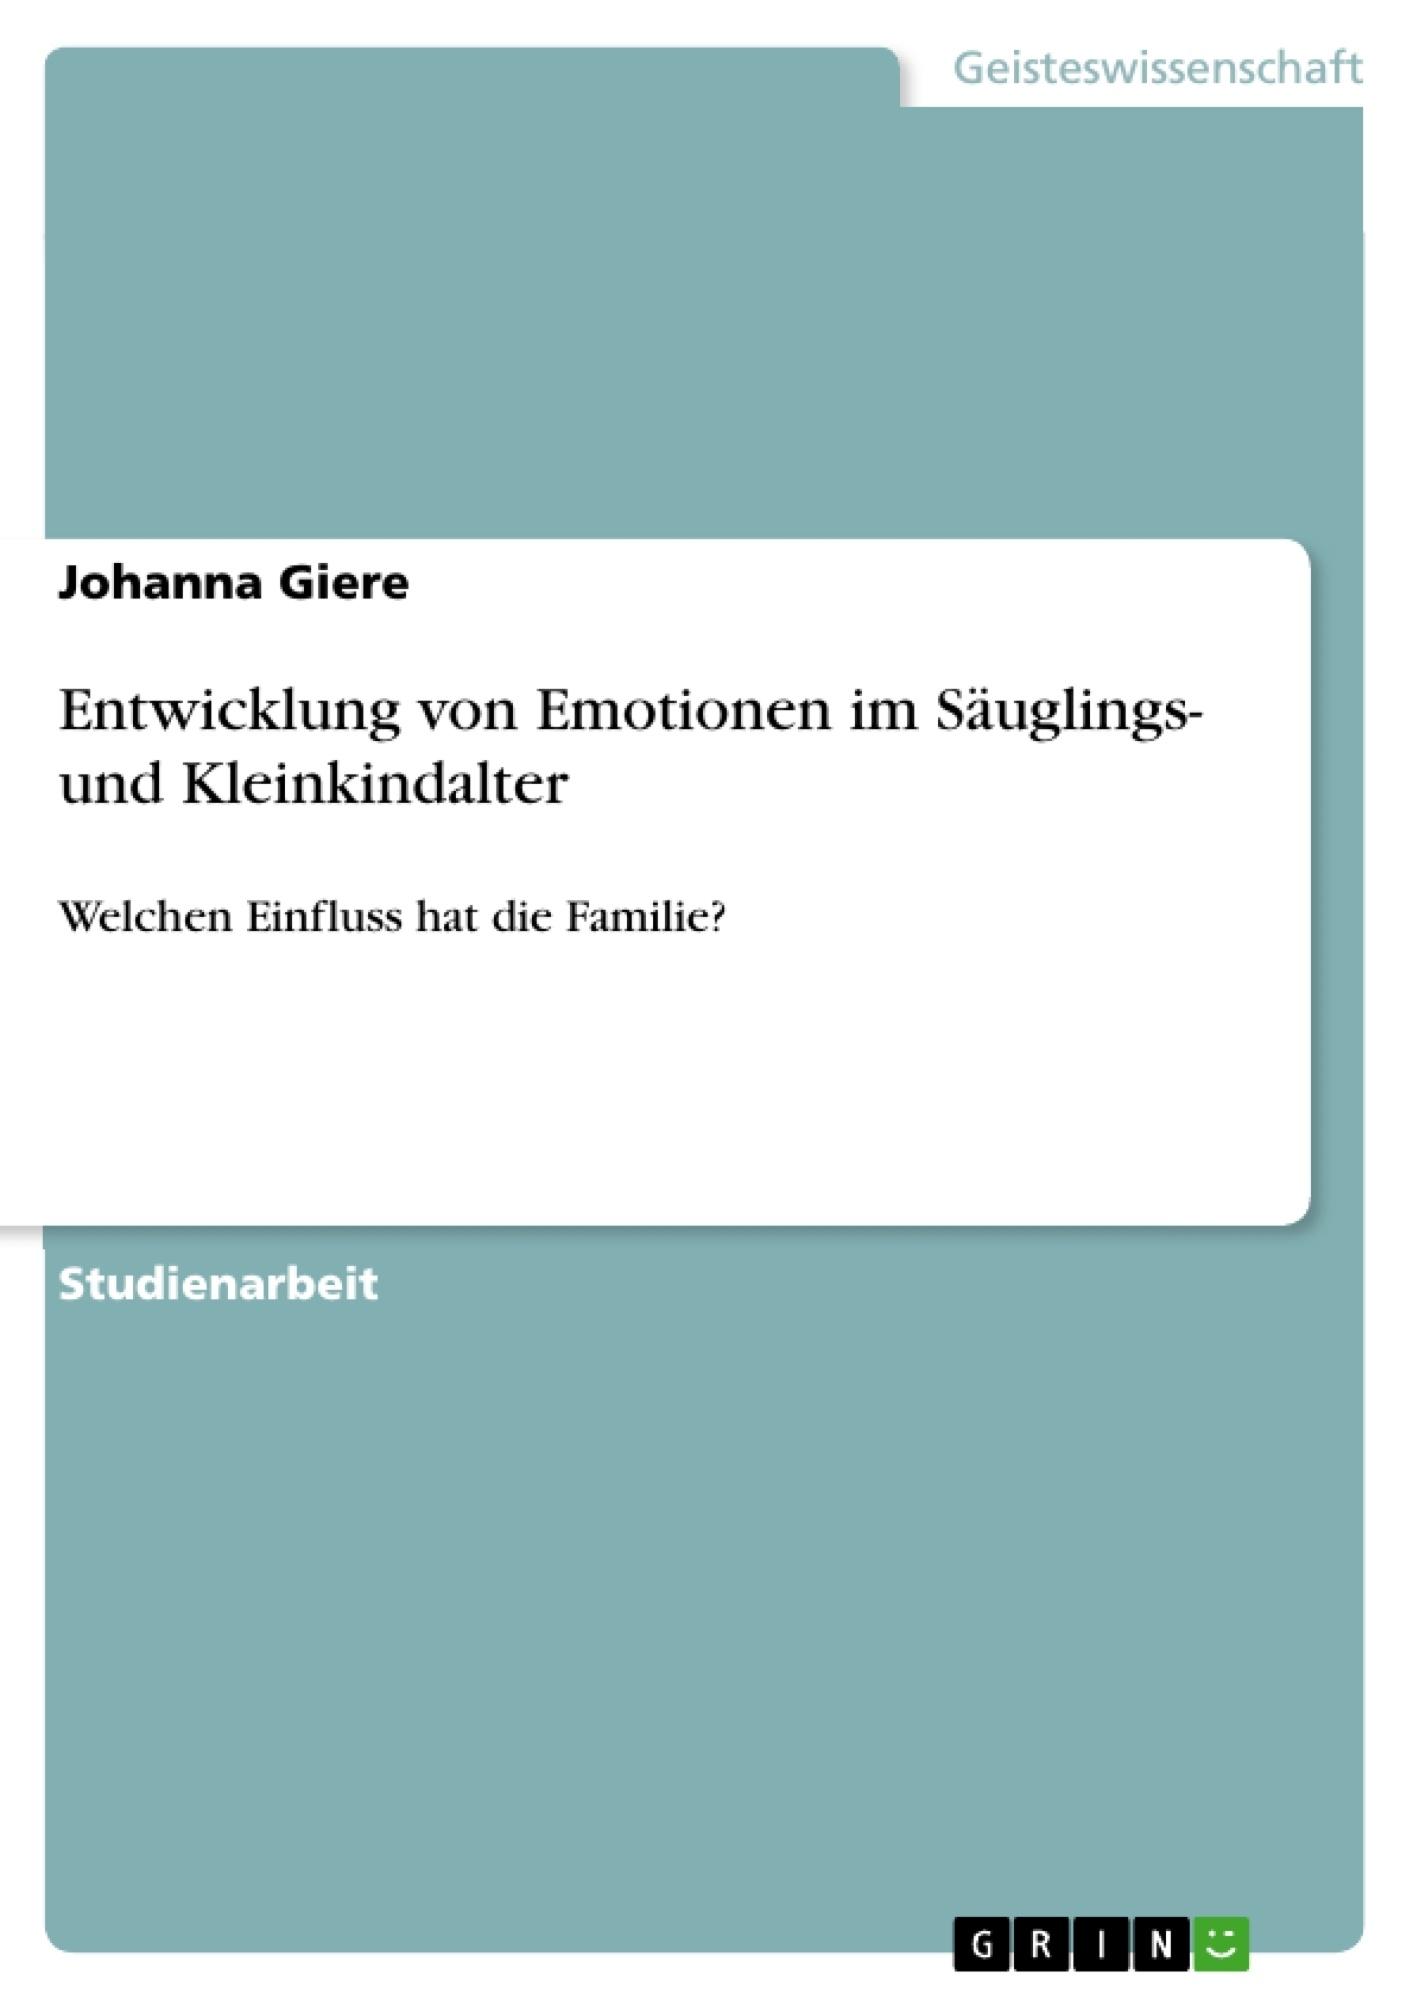 Titel: Entwicklung von Emotionen im Säuglings- und Kleinkindalter